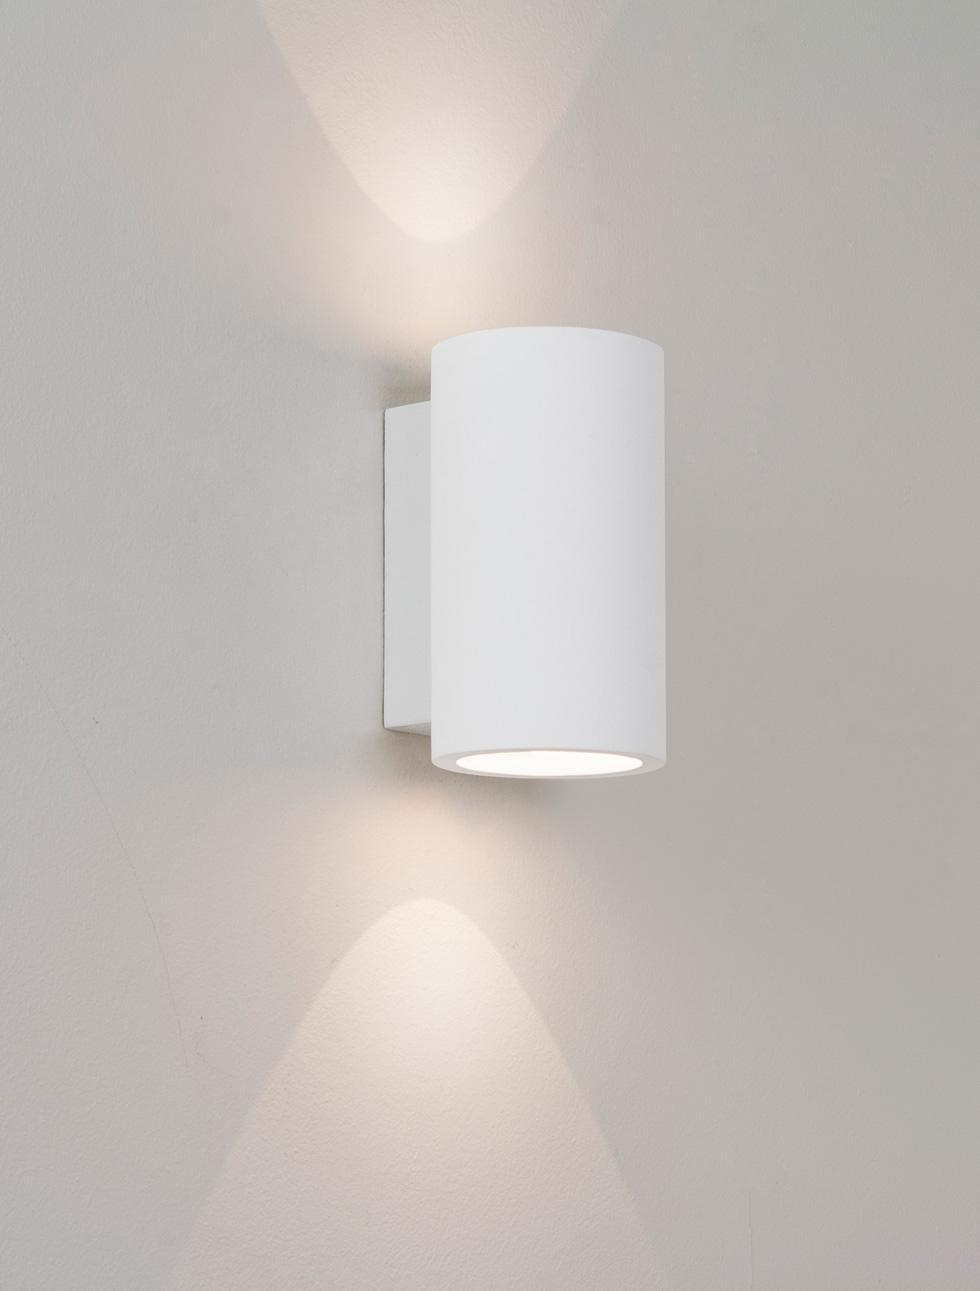 Applique bologna led 160 lampada da parete in gesso - Applique in gesso da parete ...